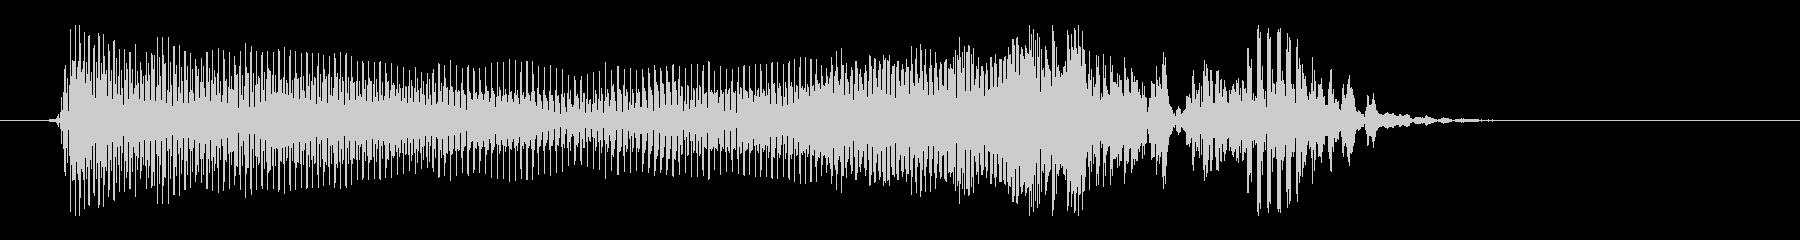 腹の虫-8(腹ペコ・ぐう〜)の未再生の波形